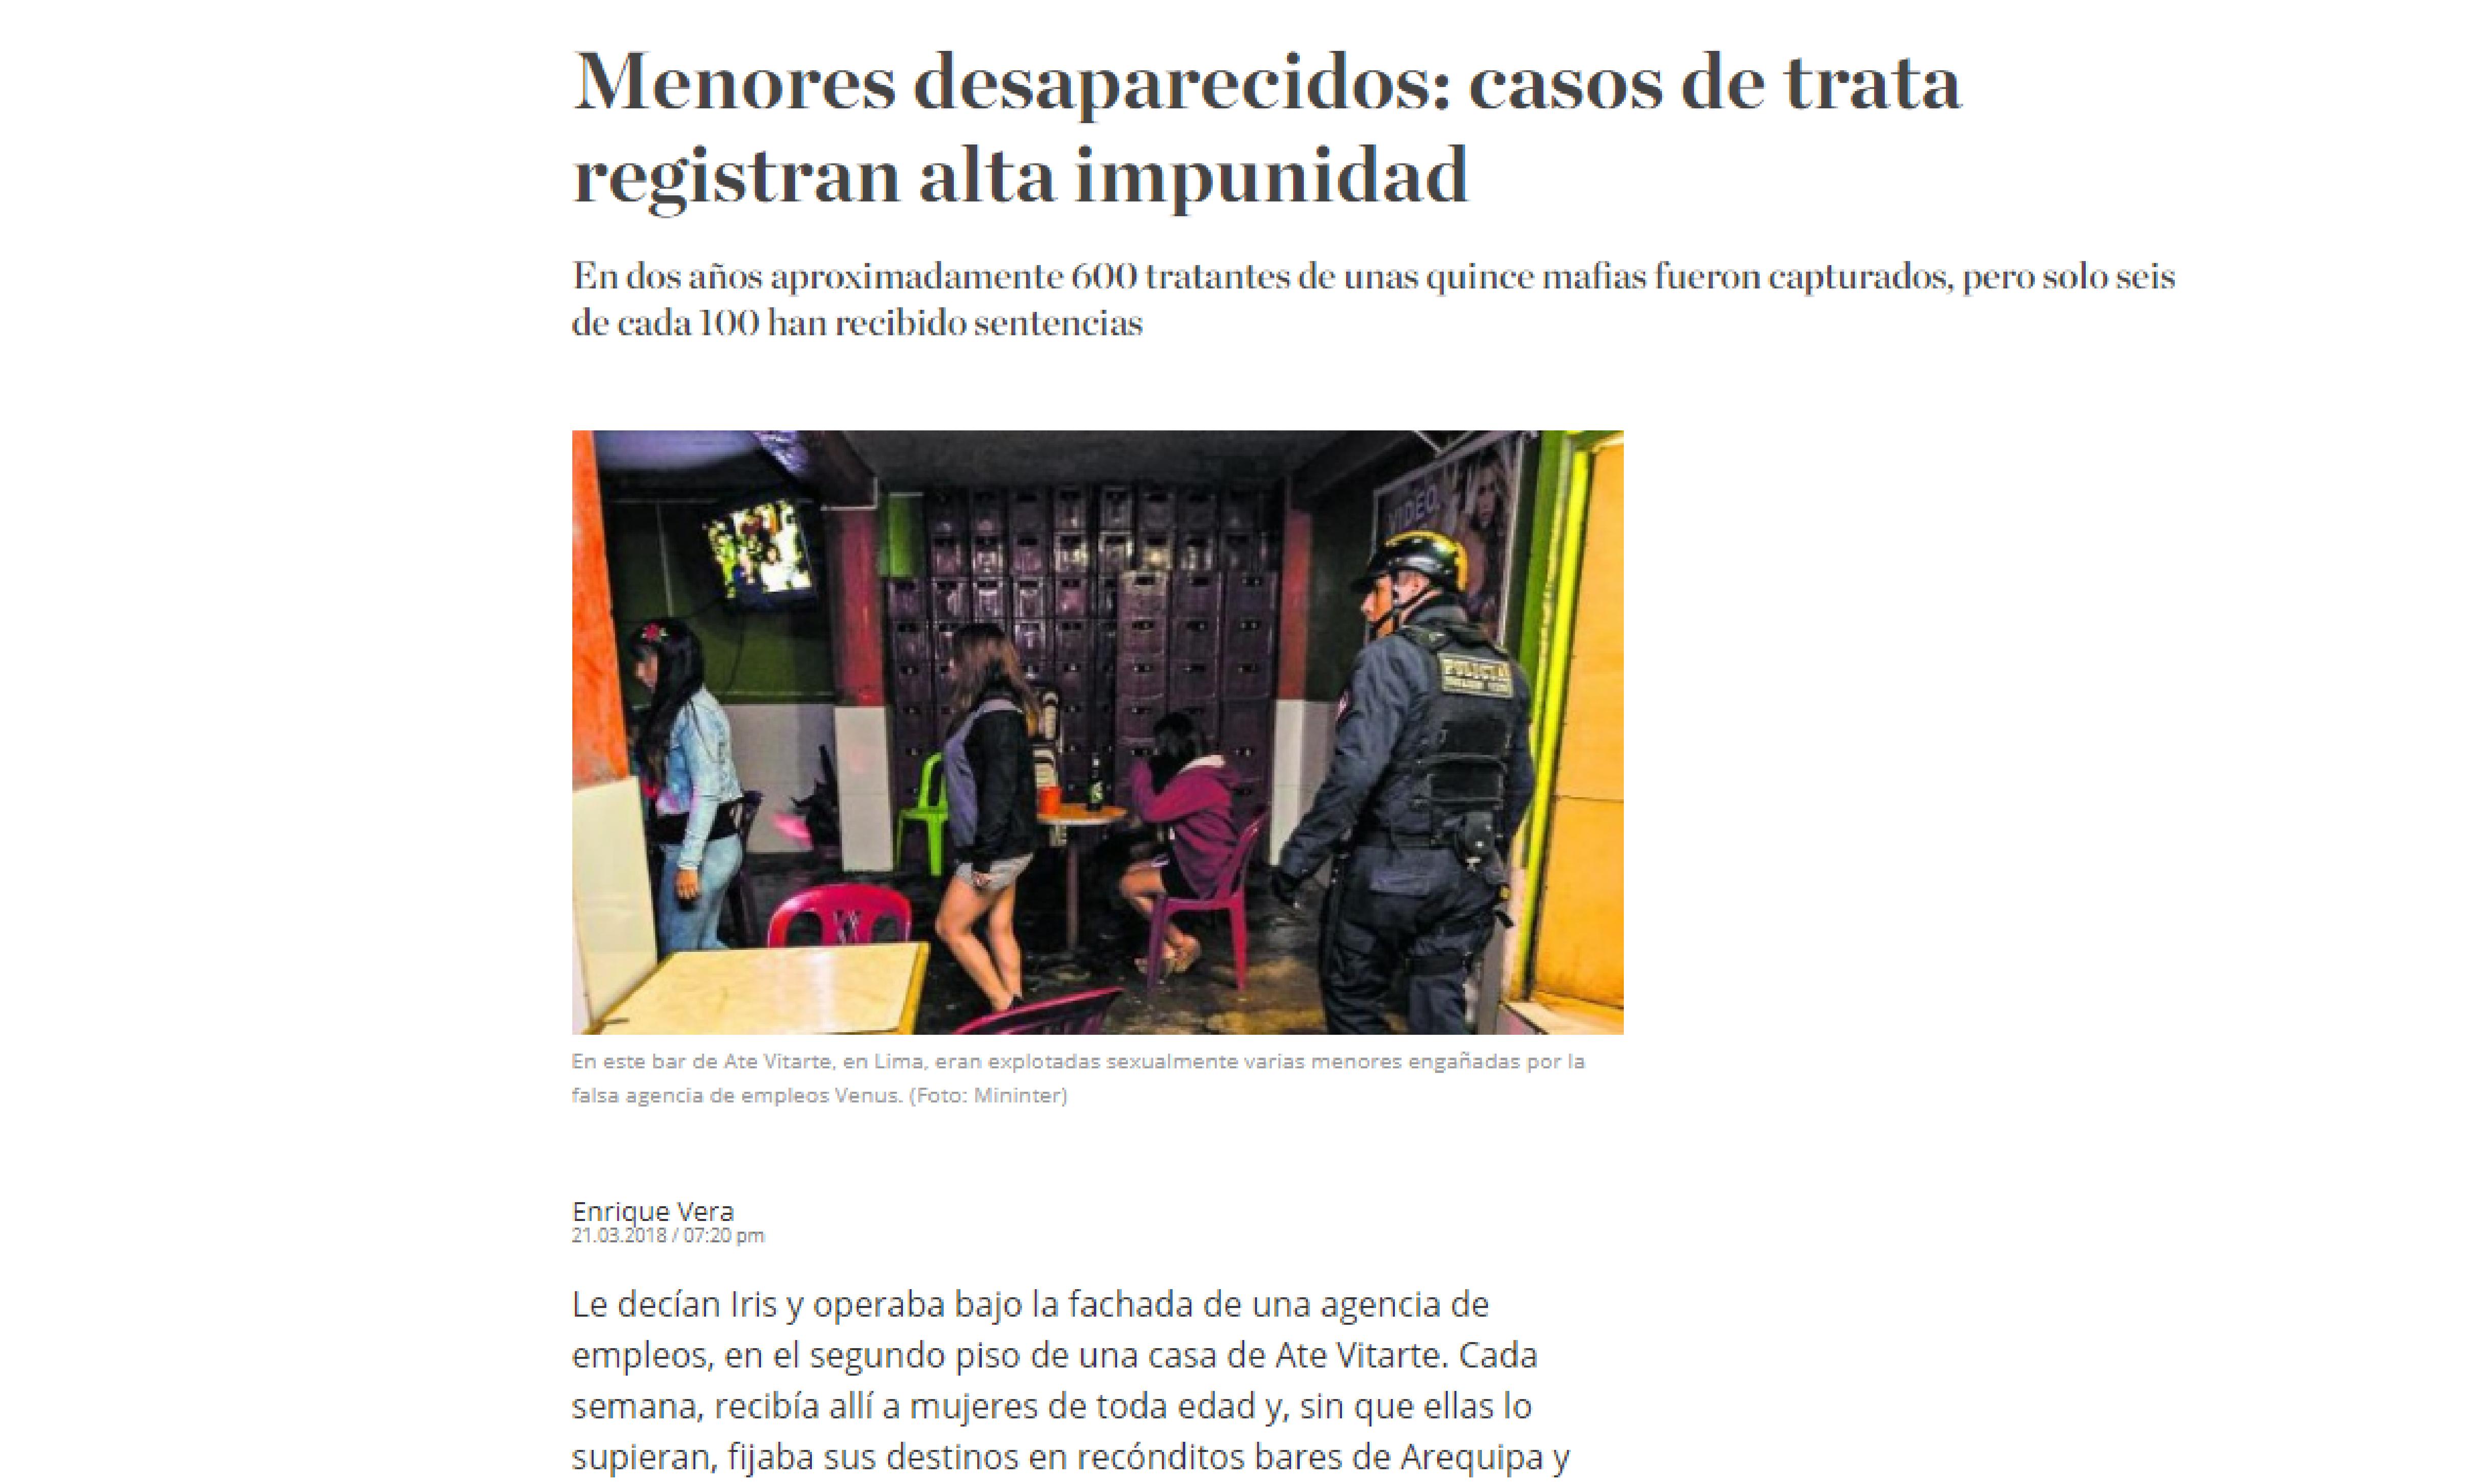 El Comercio: Menores desaparecidos: casos de trata registran alta impunidad